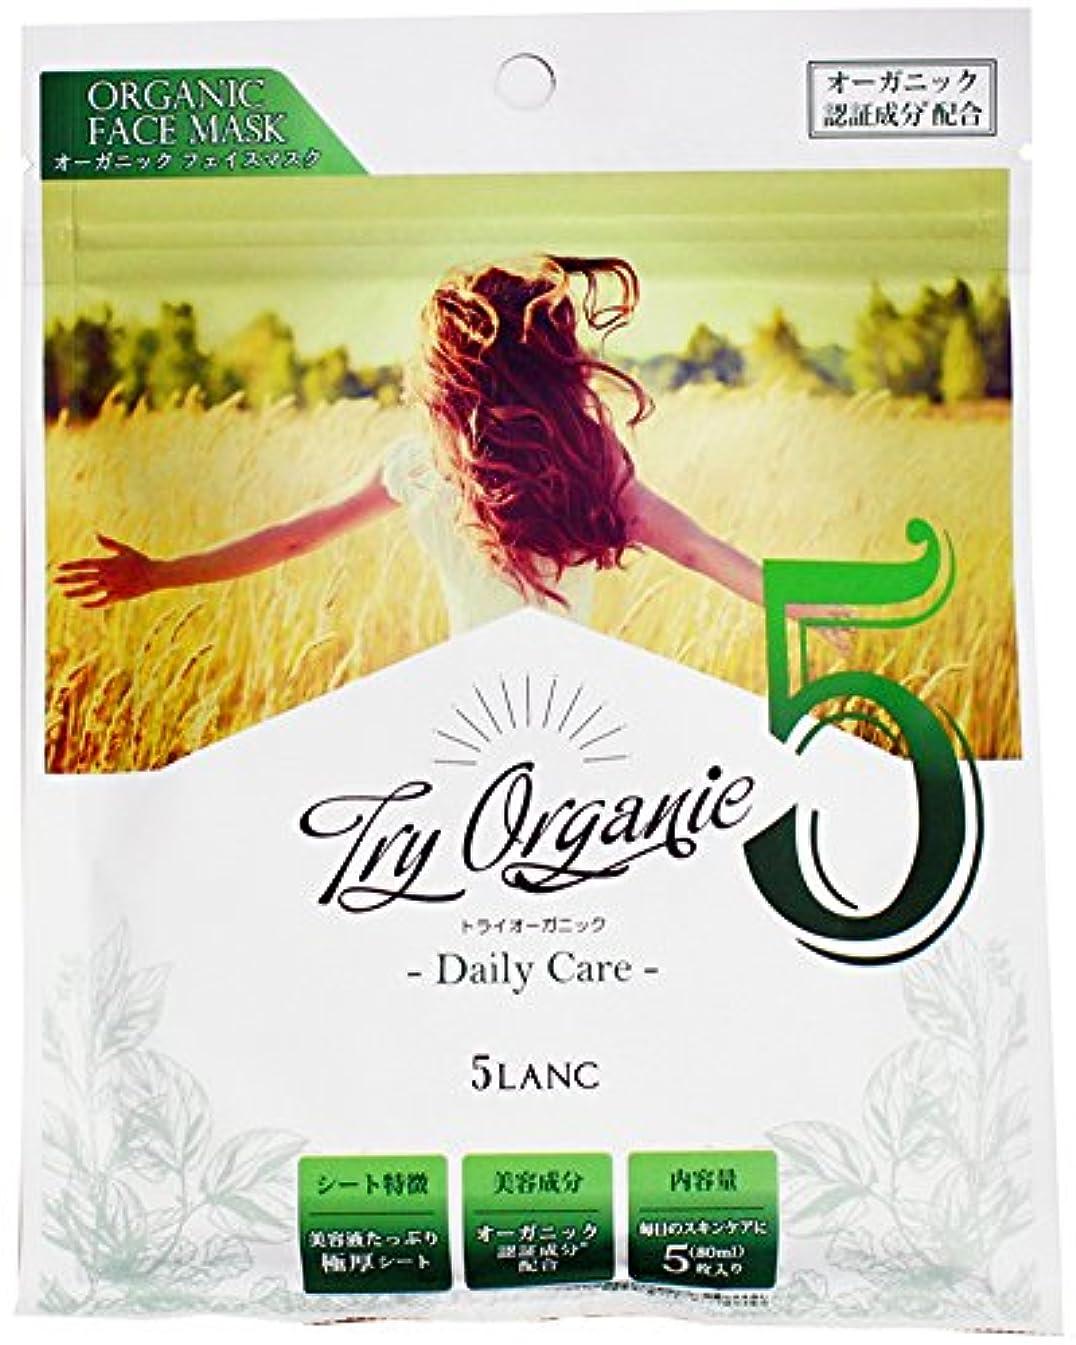 統計ズームインする腹5LANC(ファイブランク) TryOrganic 『ORGANIC FACE MASK/オーガニック フェイスマスク(5枚入り)』(Daily Care/デイリーケア)